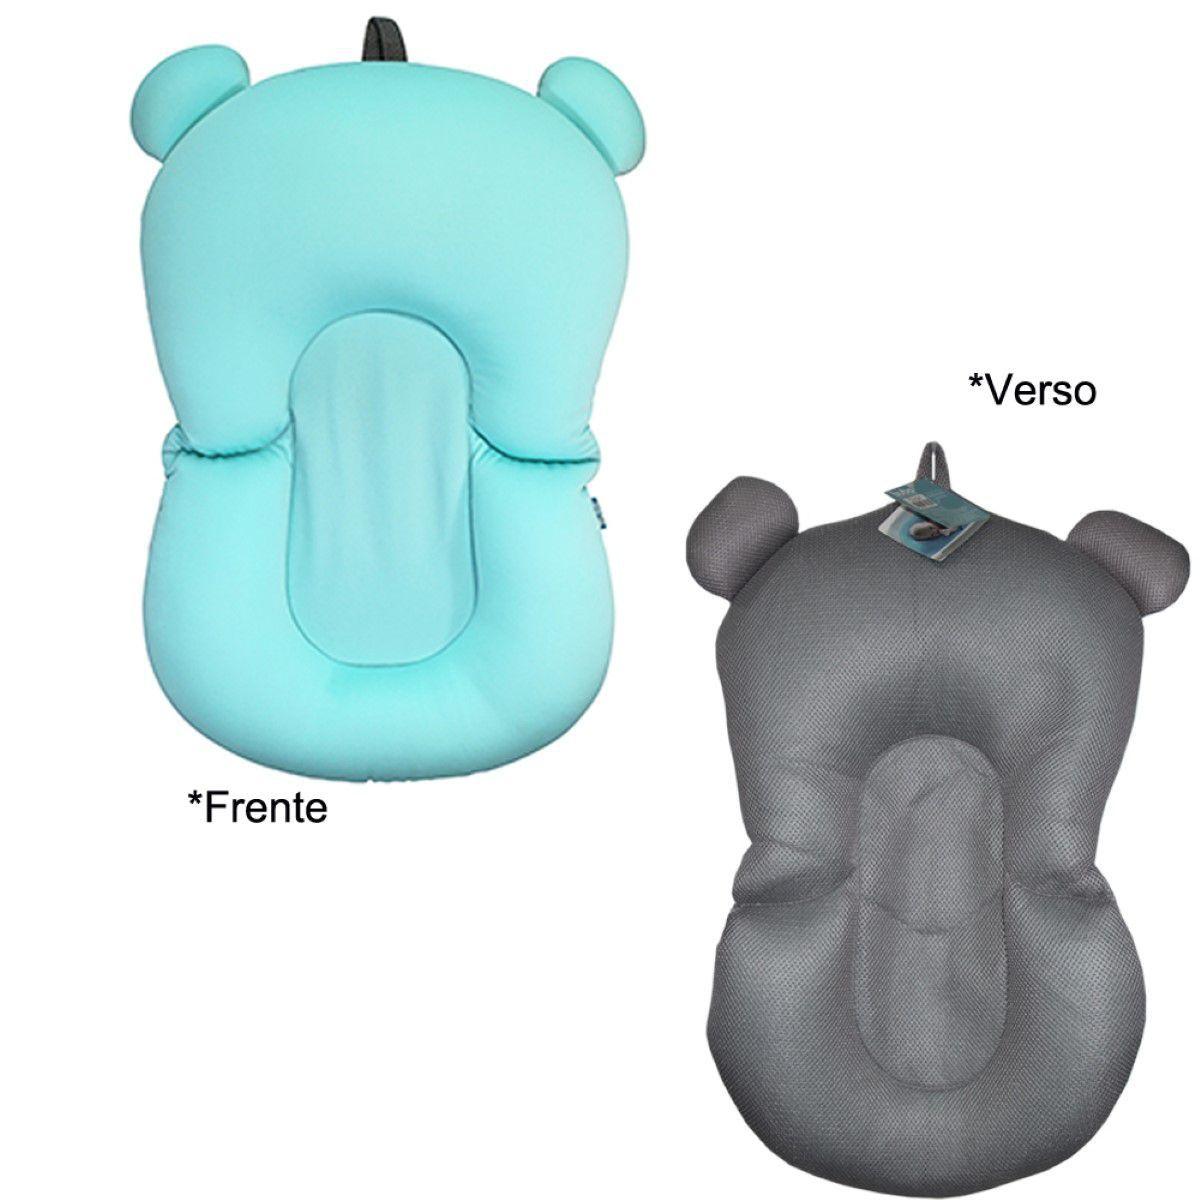 Almofada Azul para Banho Bebe na Banheira Boia Flutuadora Macia Segurança Proteçao para o seu bebe Buba Baby .